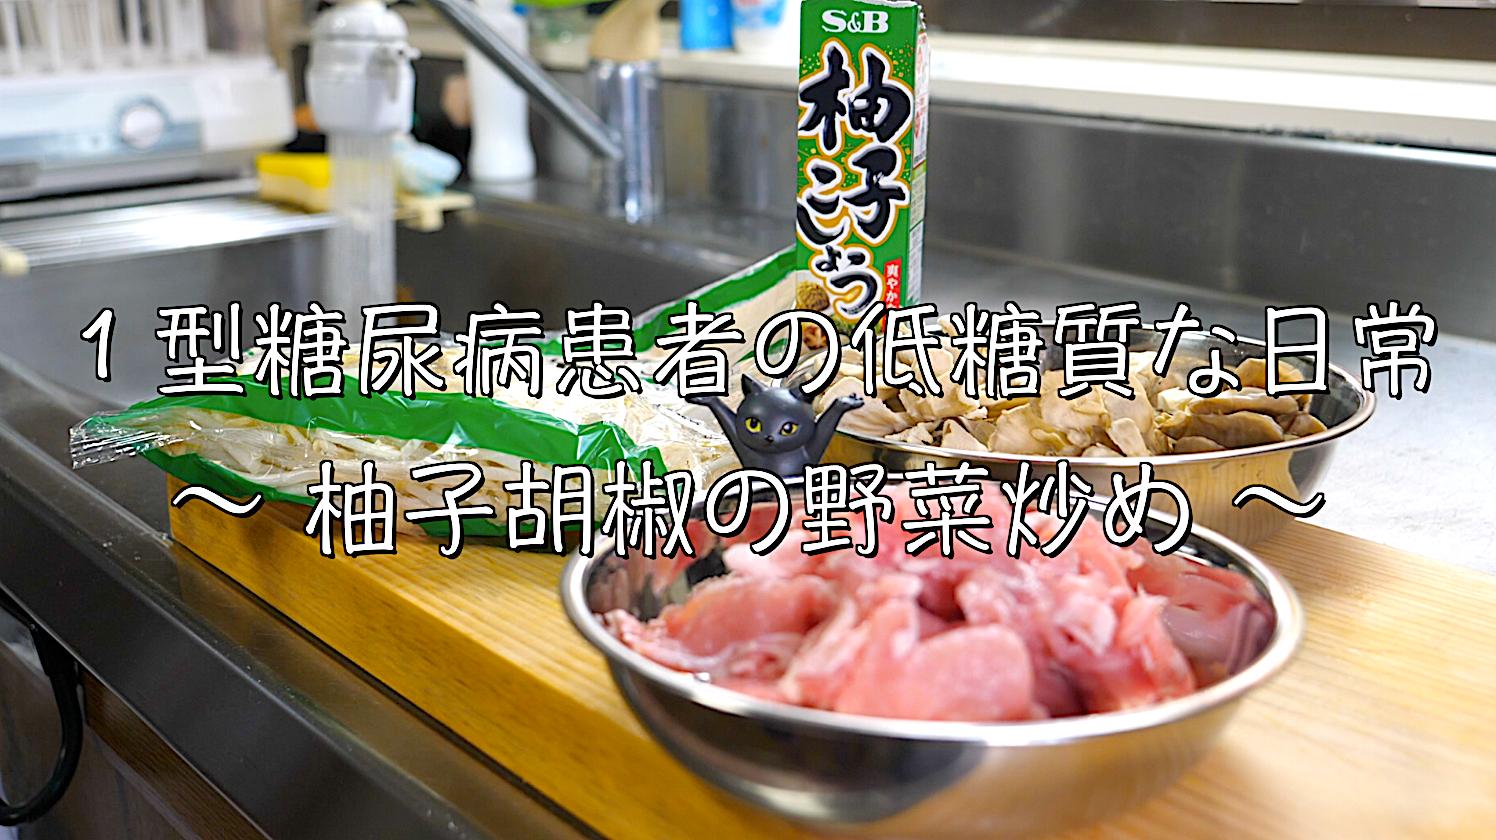 野菜炒め 柚子胡椒 低糖質